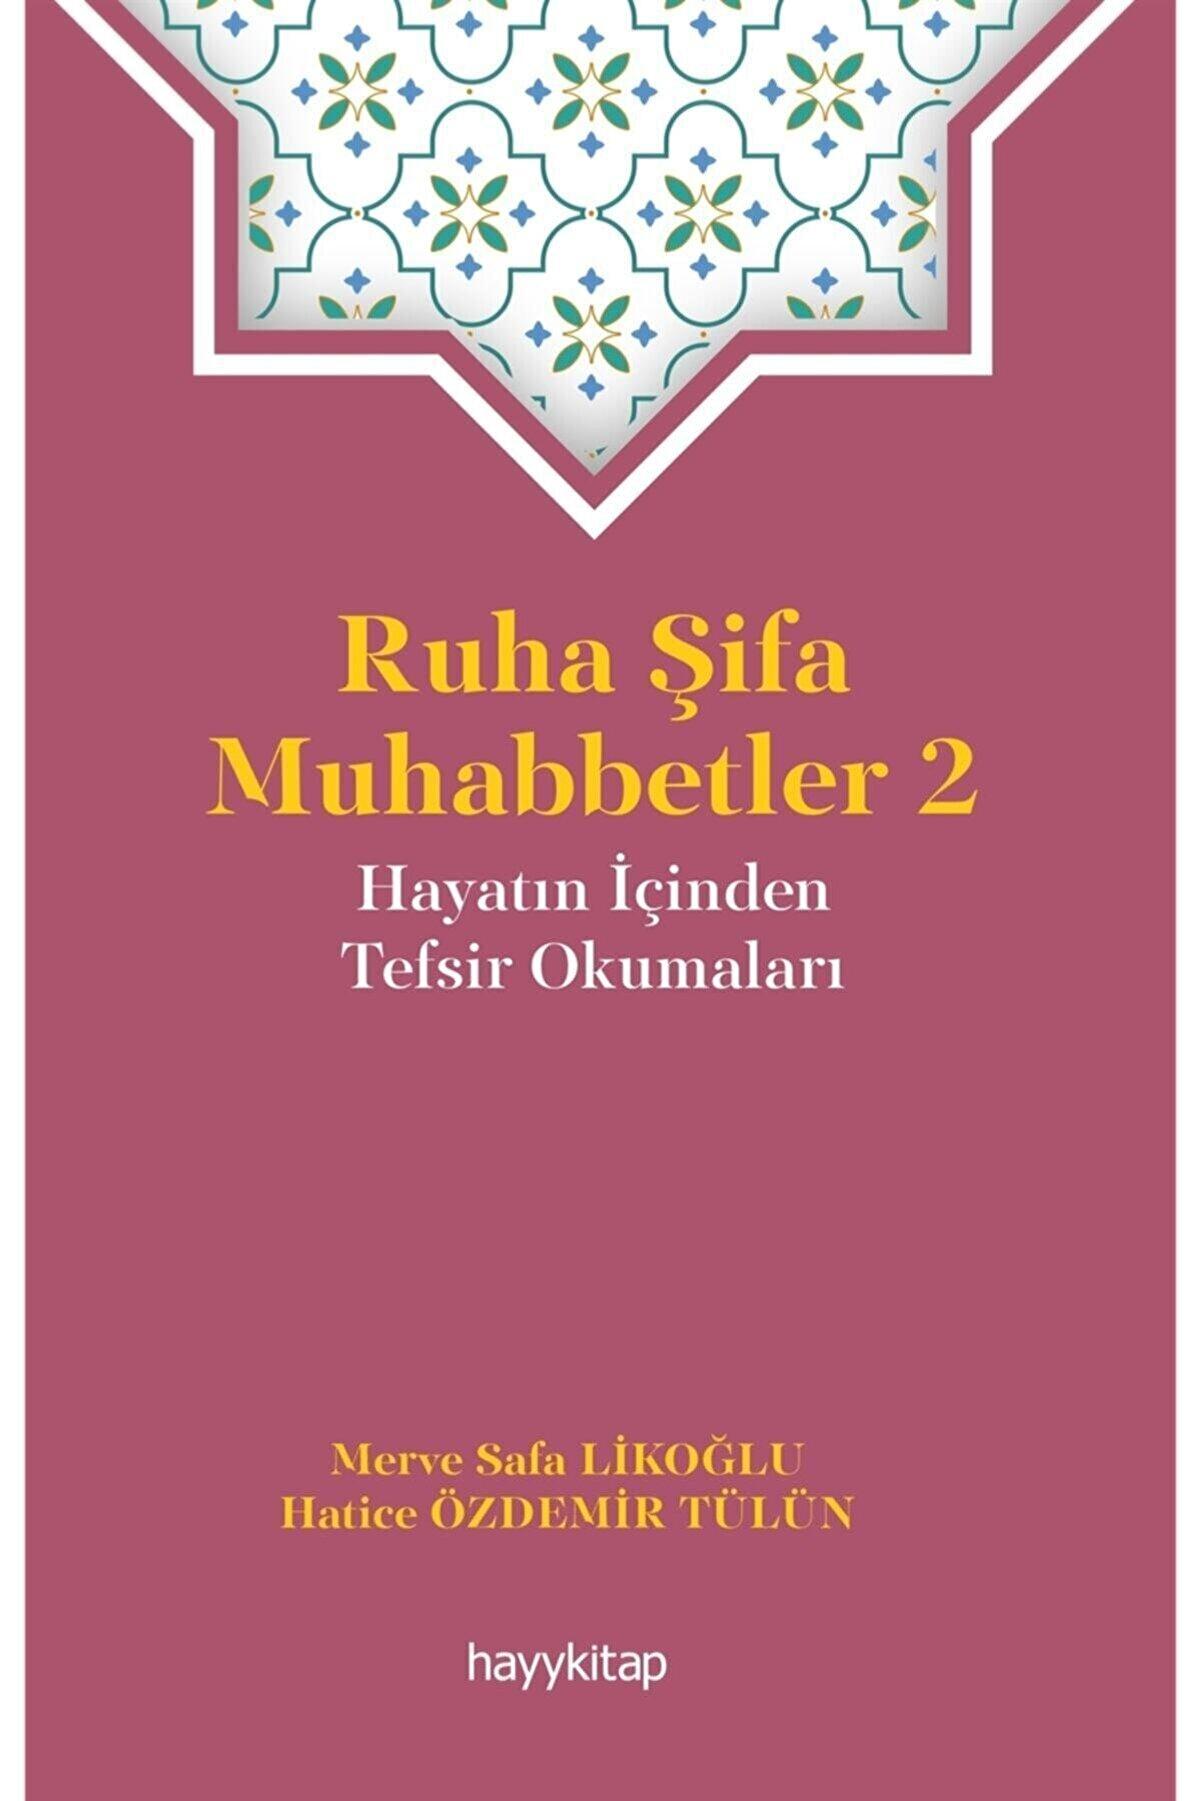 Hayykitap Ruha Şifa Muhabbetler 2 - Merve Safa Likoğlu 9786257685481